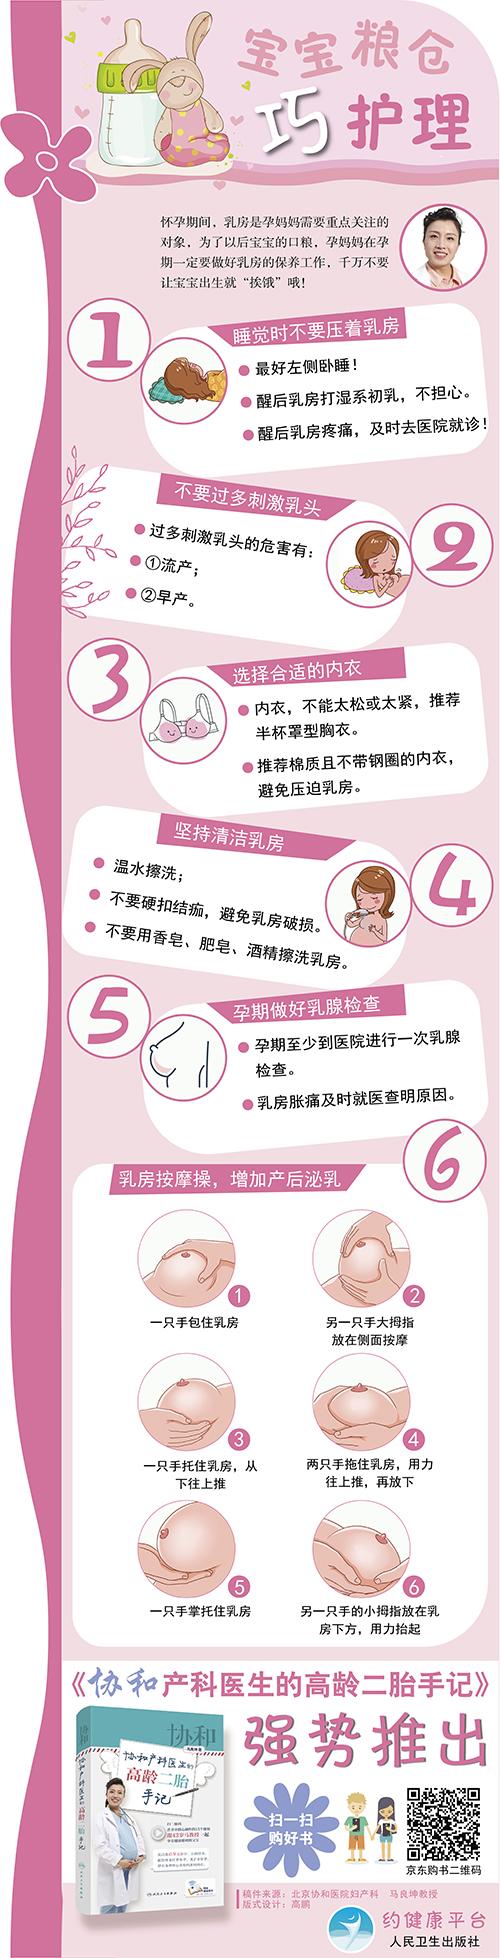 孕期乳房护理 小版.jpg